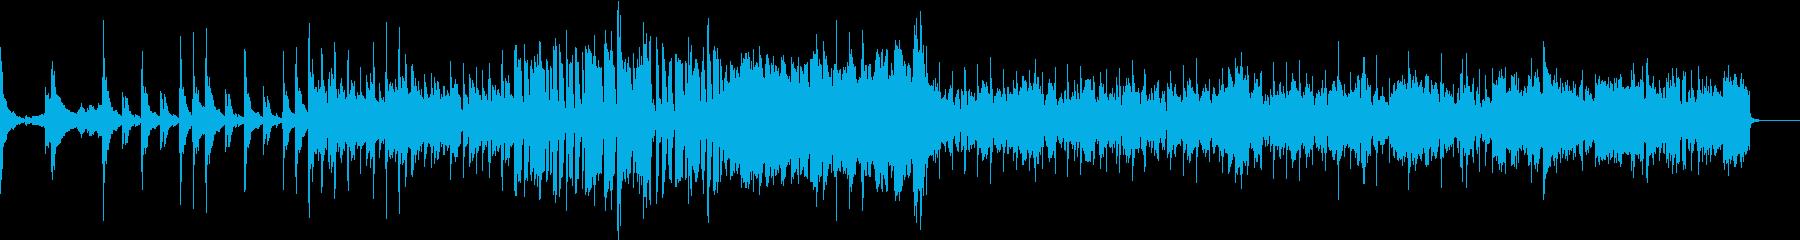 格好良いい電子的なEDMの再生済みの波形